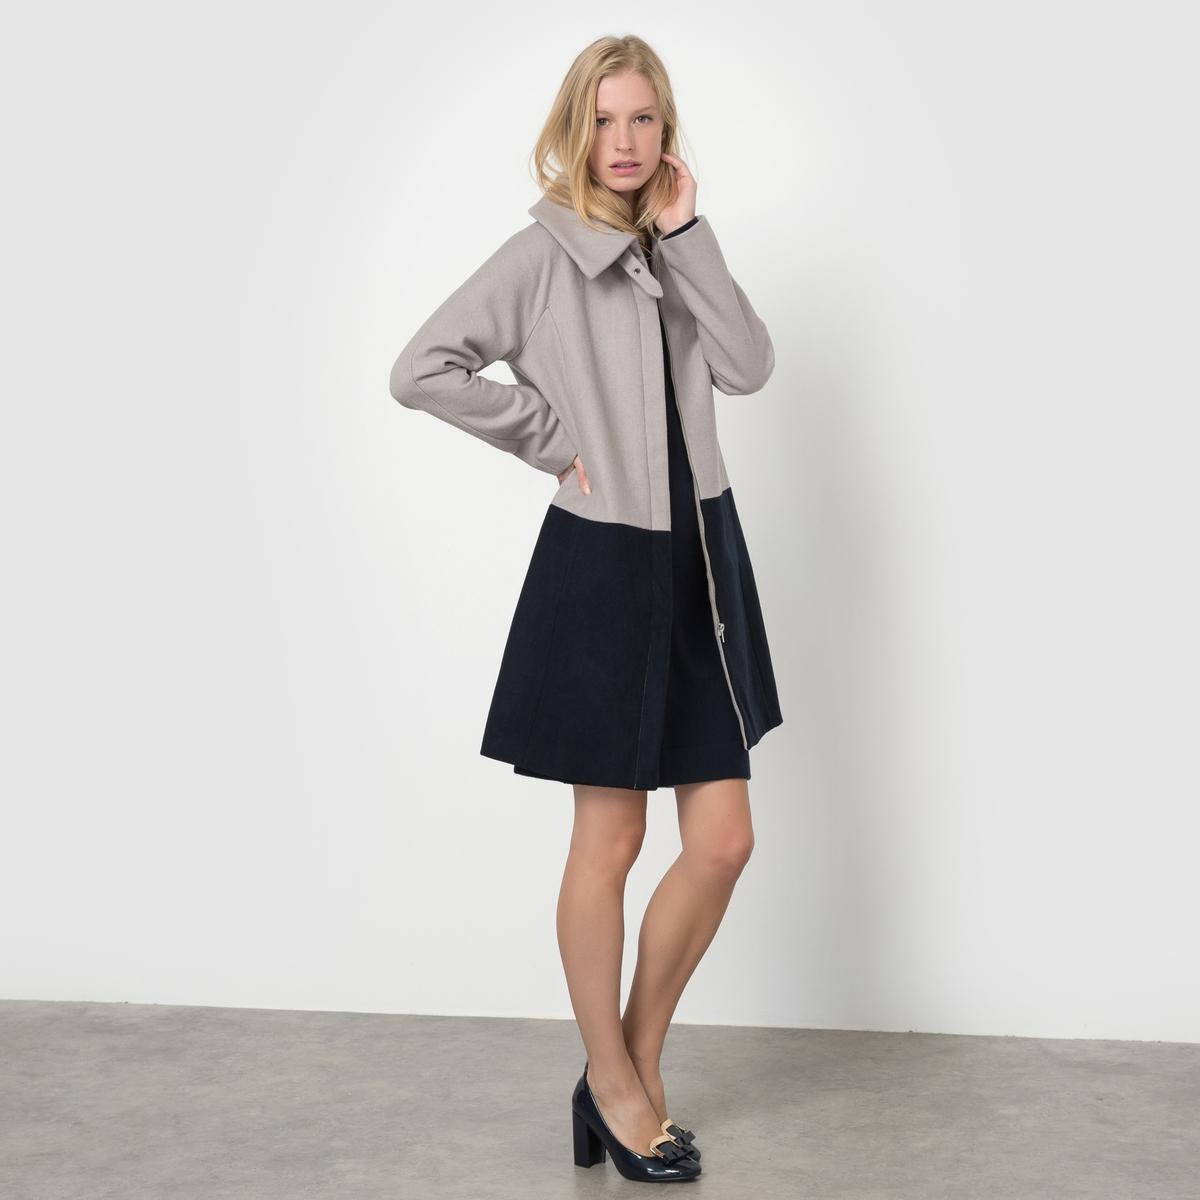 Пальто двухцветное, 55% шерсти пальто драповое 30% шерсти